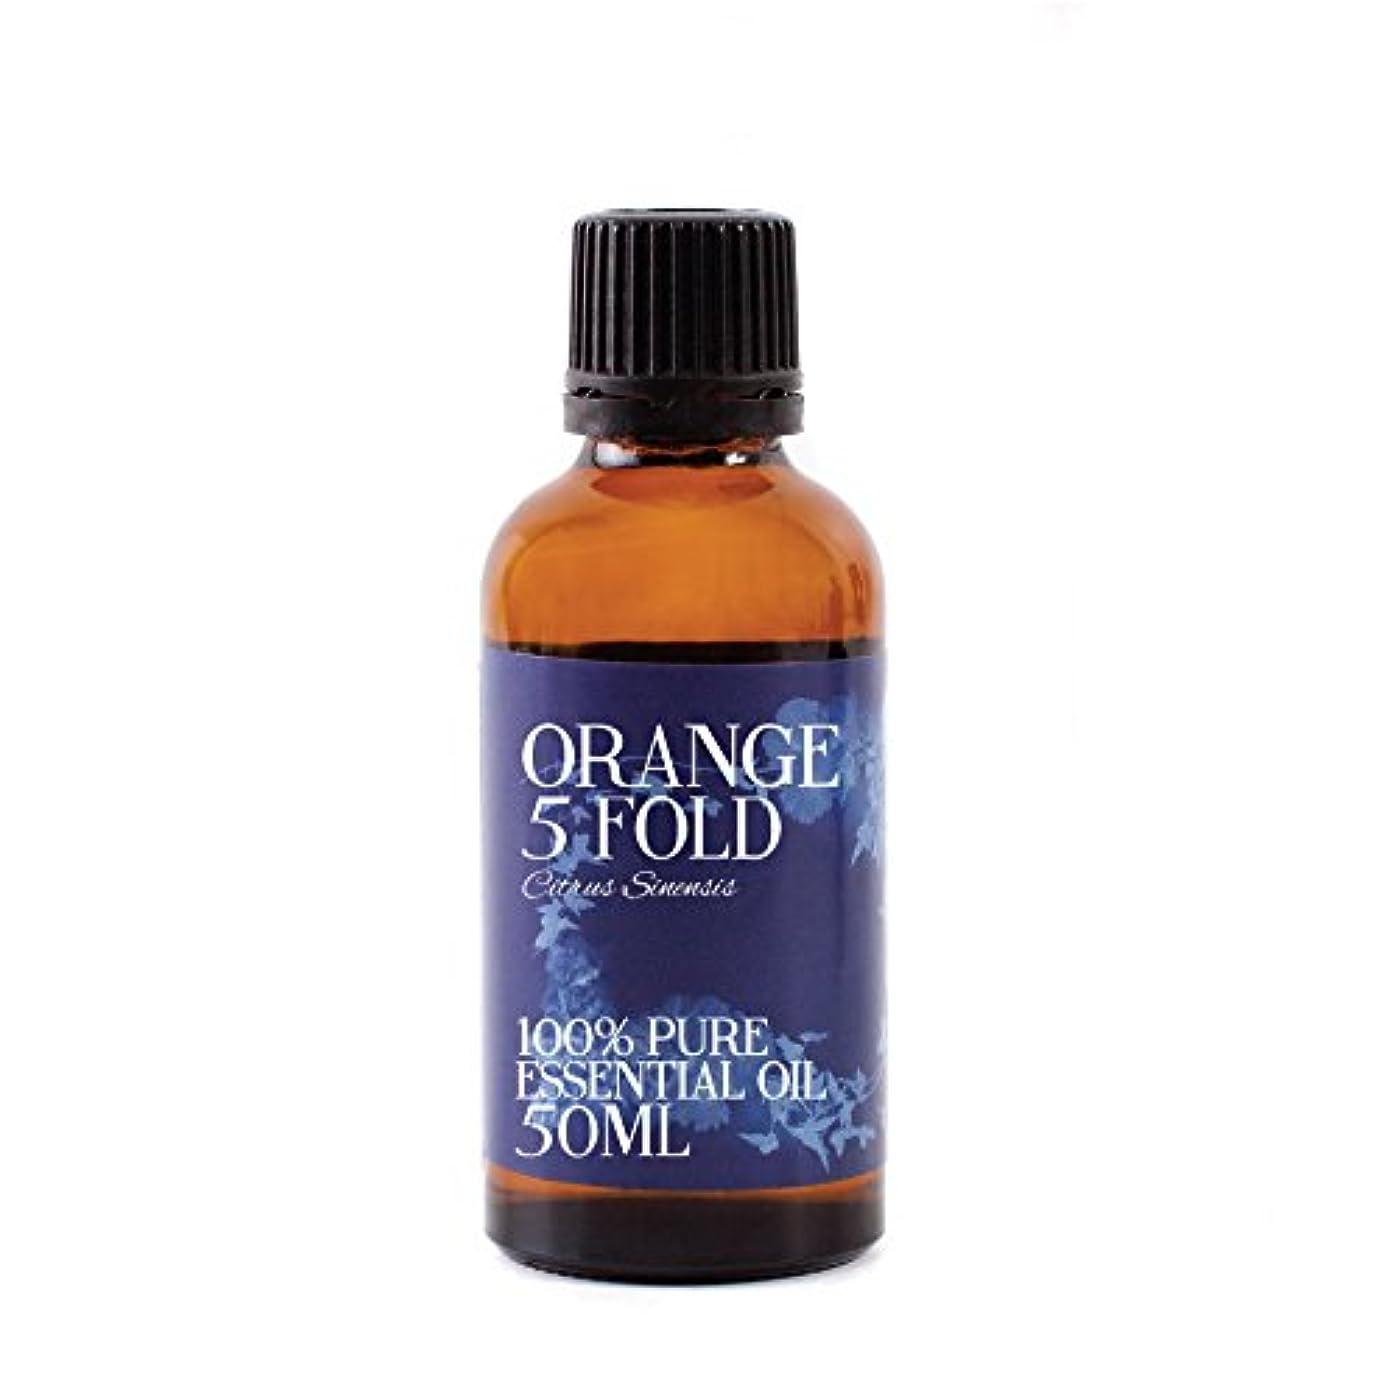 診療所ラッカスお気に入りMystic Moments | Orange 5 Fold Essential Oil - 50ml - 100% Pure